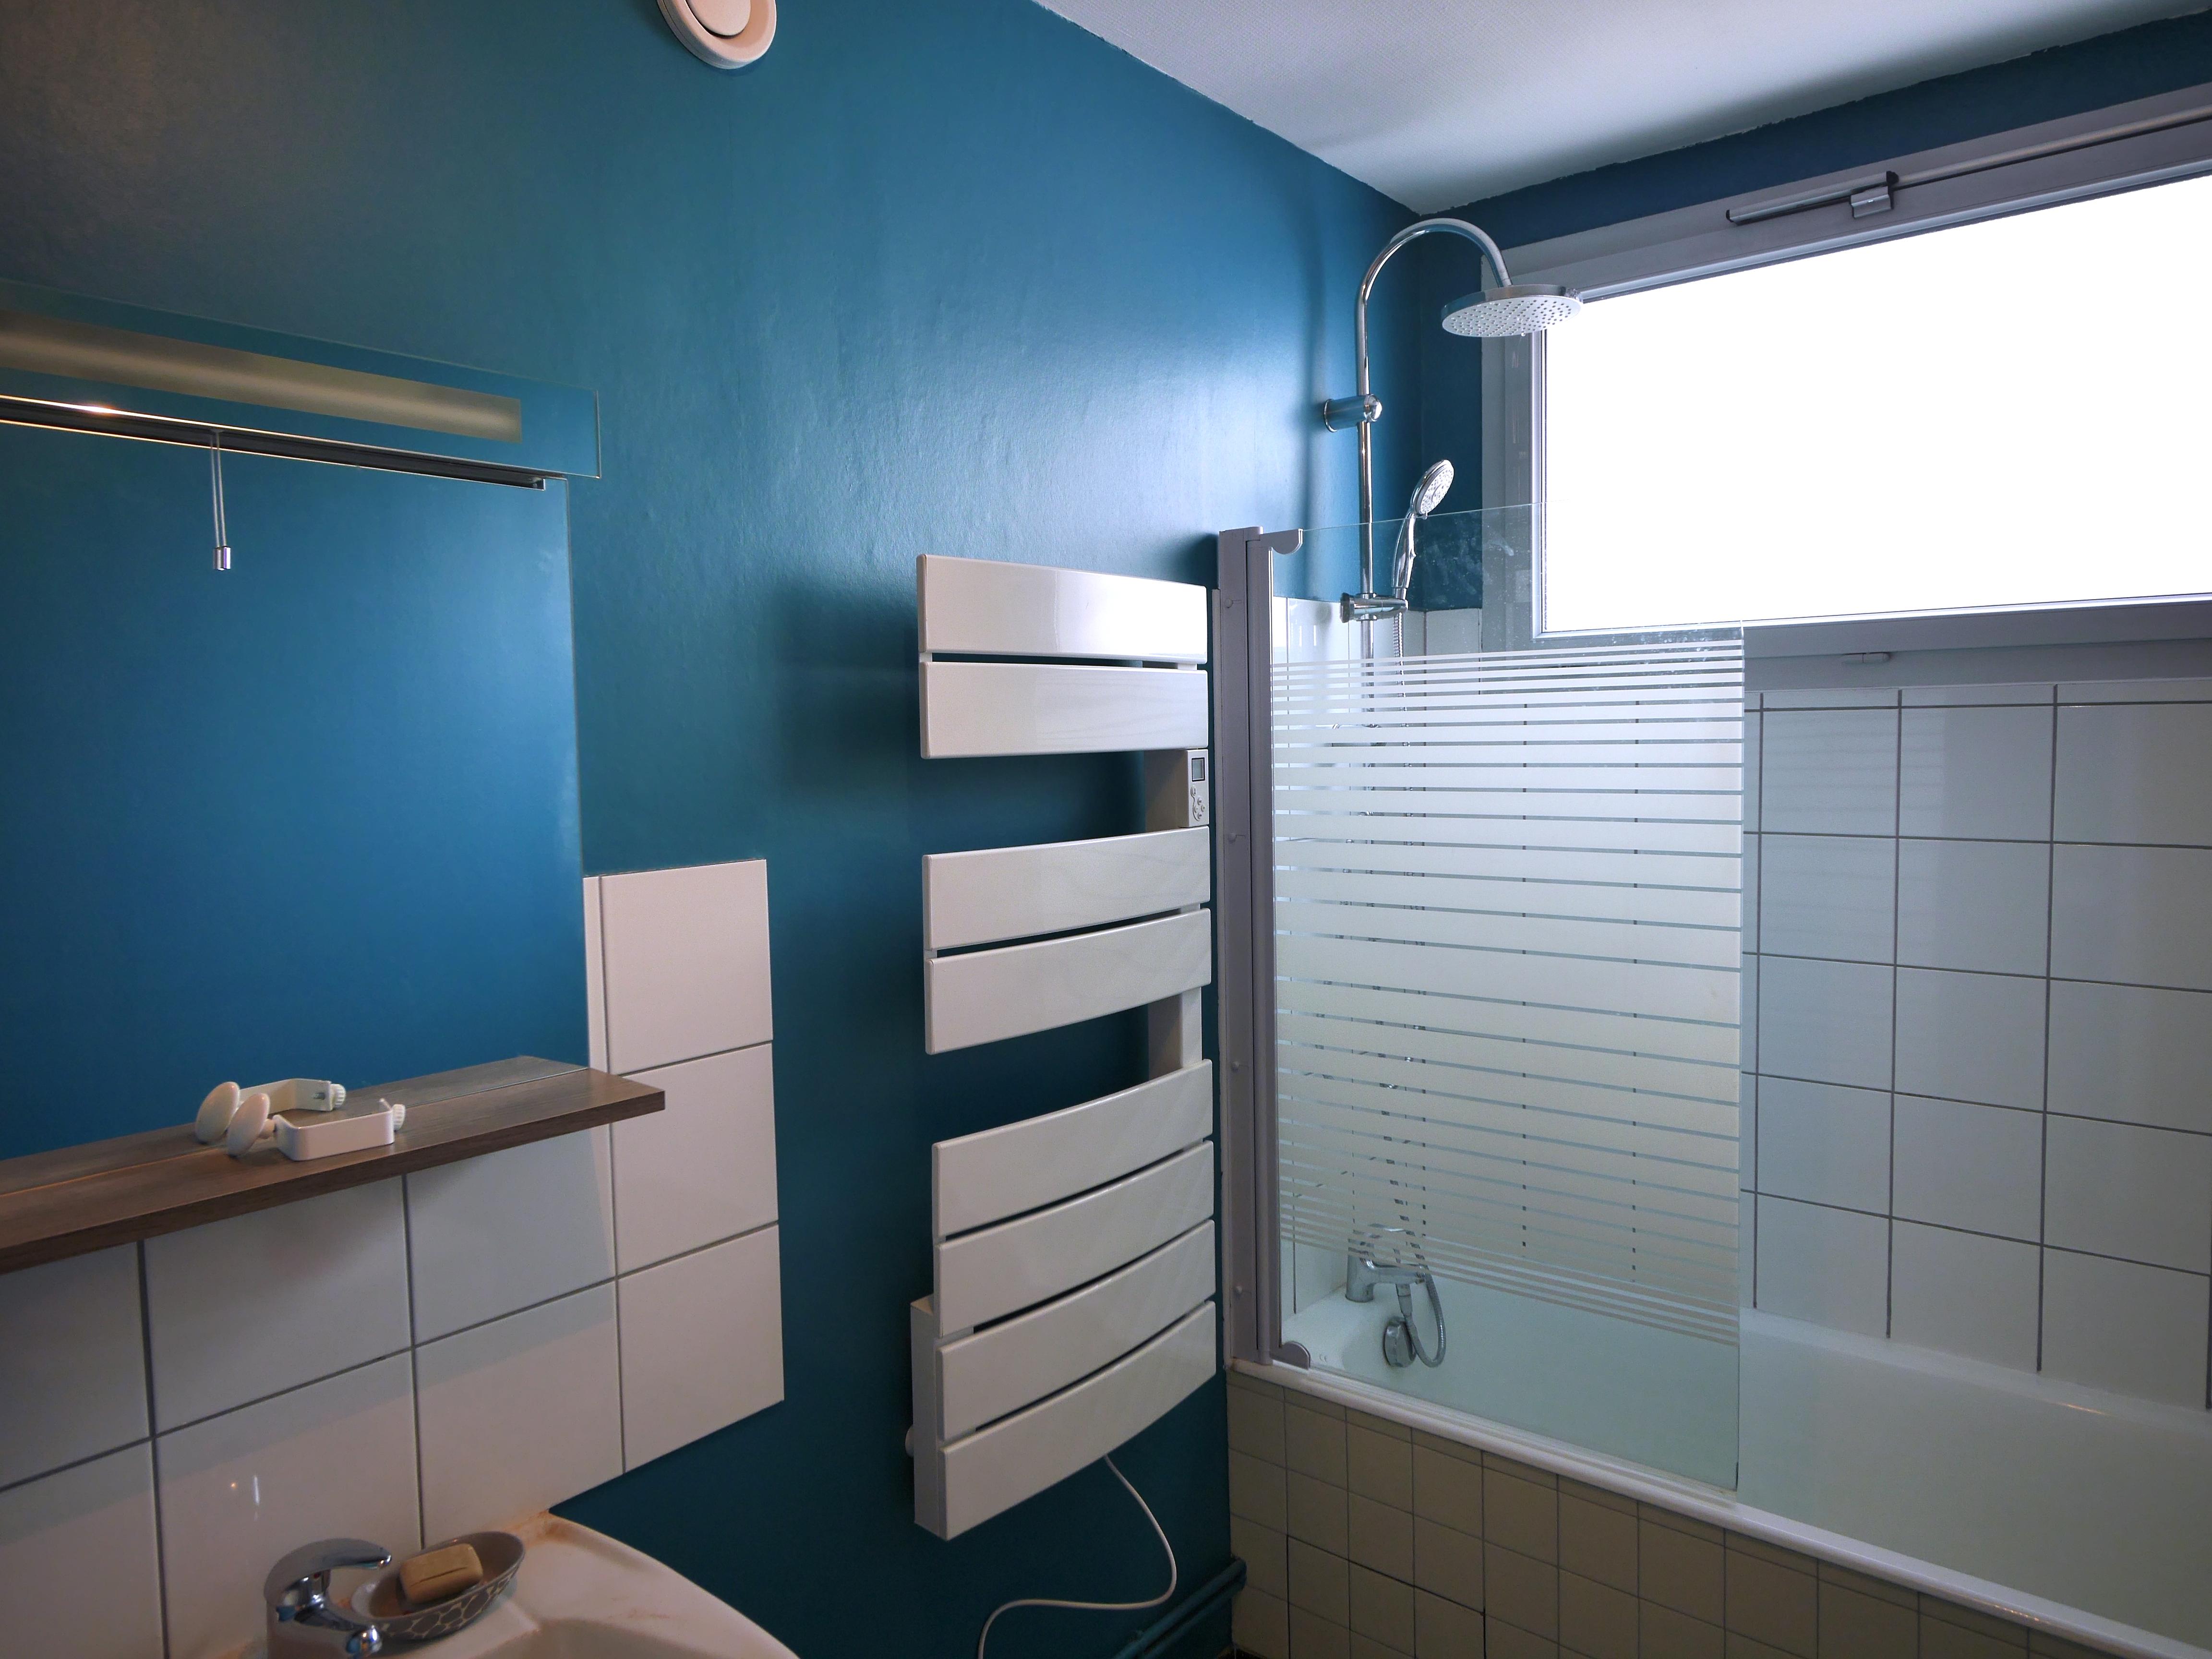 pose pare-douche et sèche-serviette